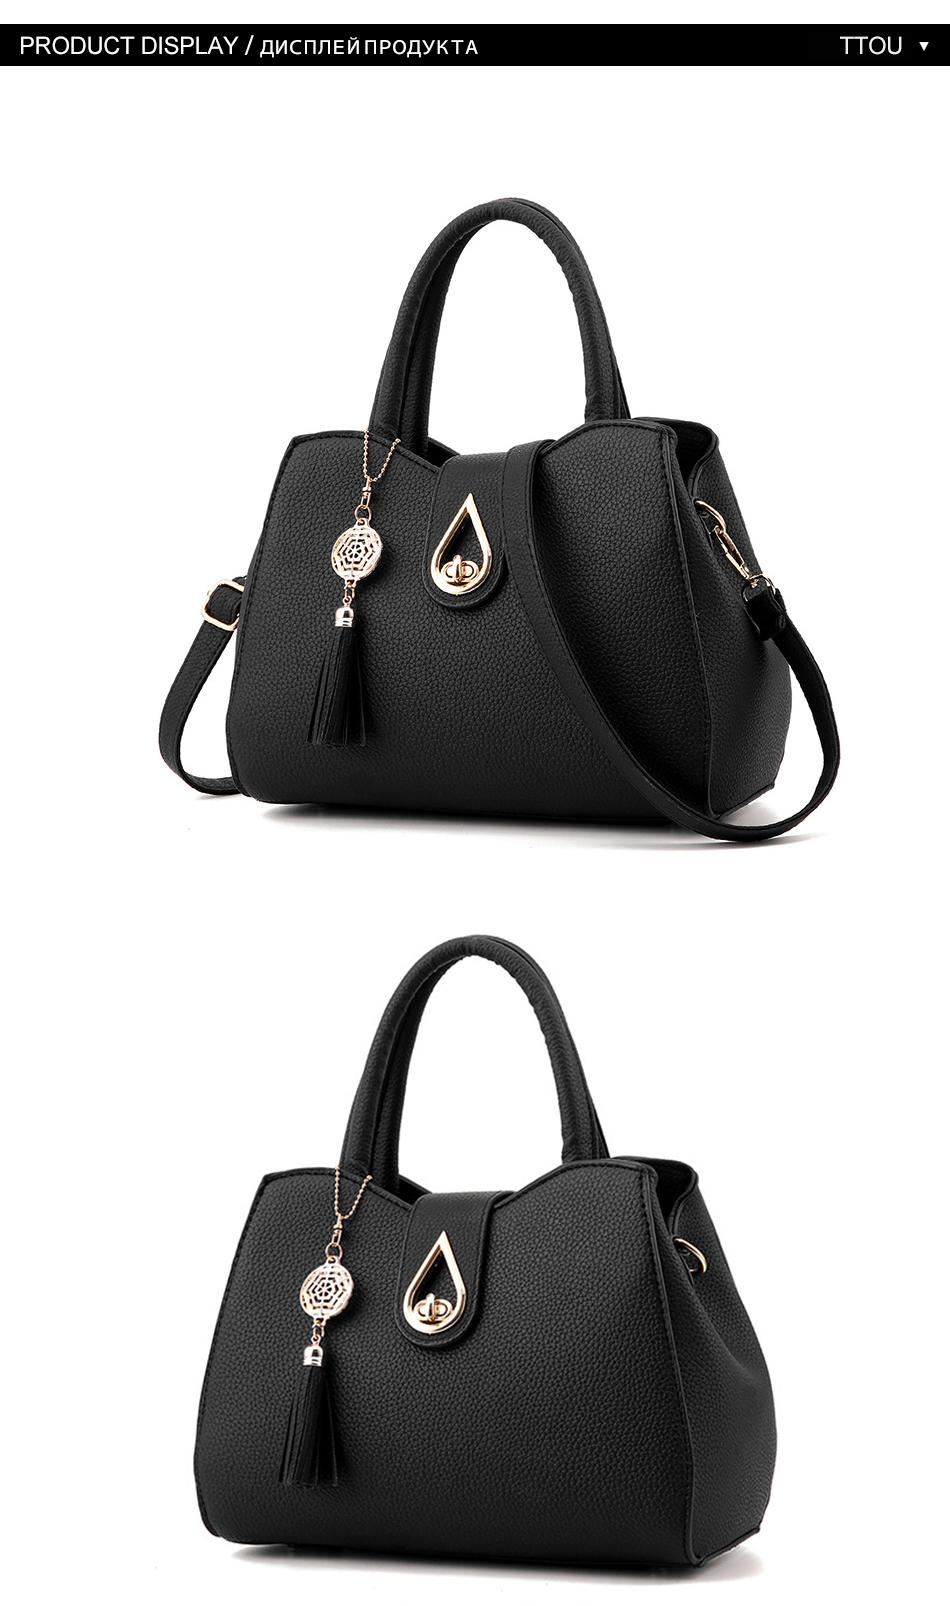 TTOU Luxury Handbags Women Bags Designer Plaid Women  s Leather Handbags  Big Casual Tote Bag Ladies Shoulder Bag Double ArrowUSD 16.99 piece 3b1f2c3d53212